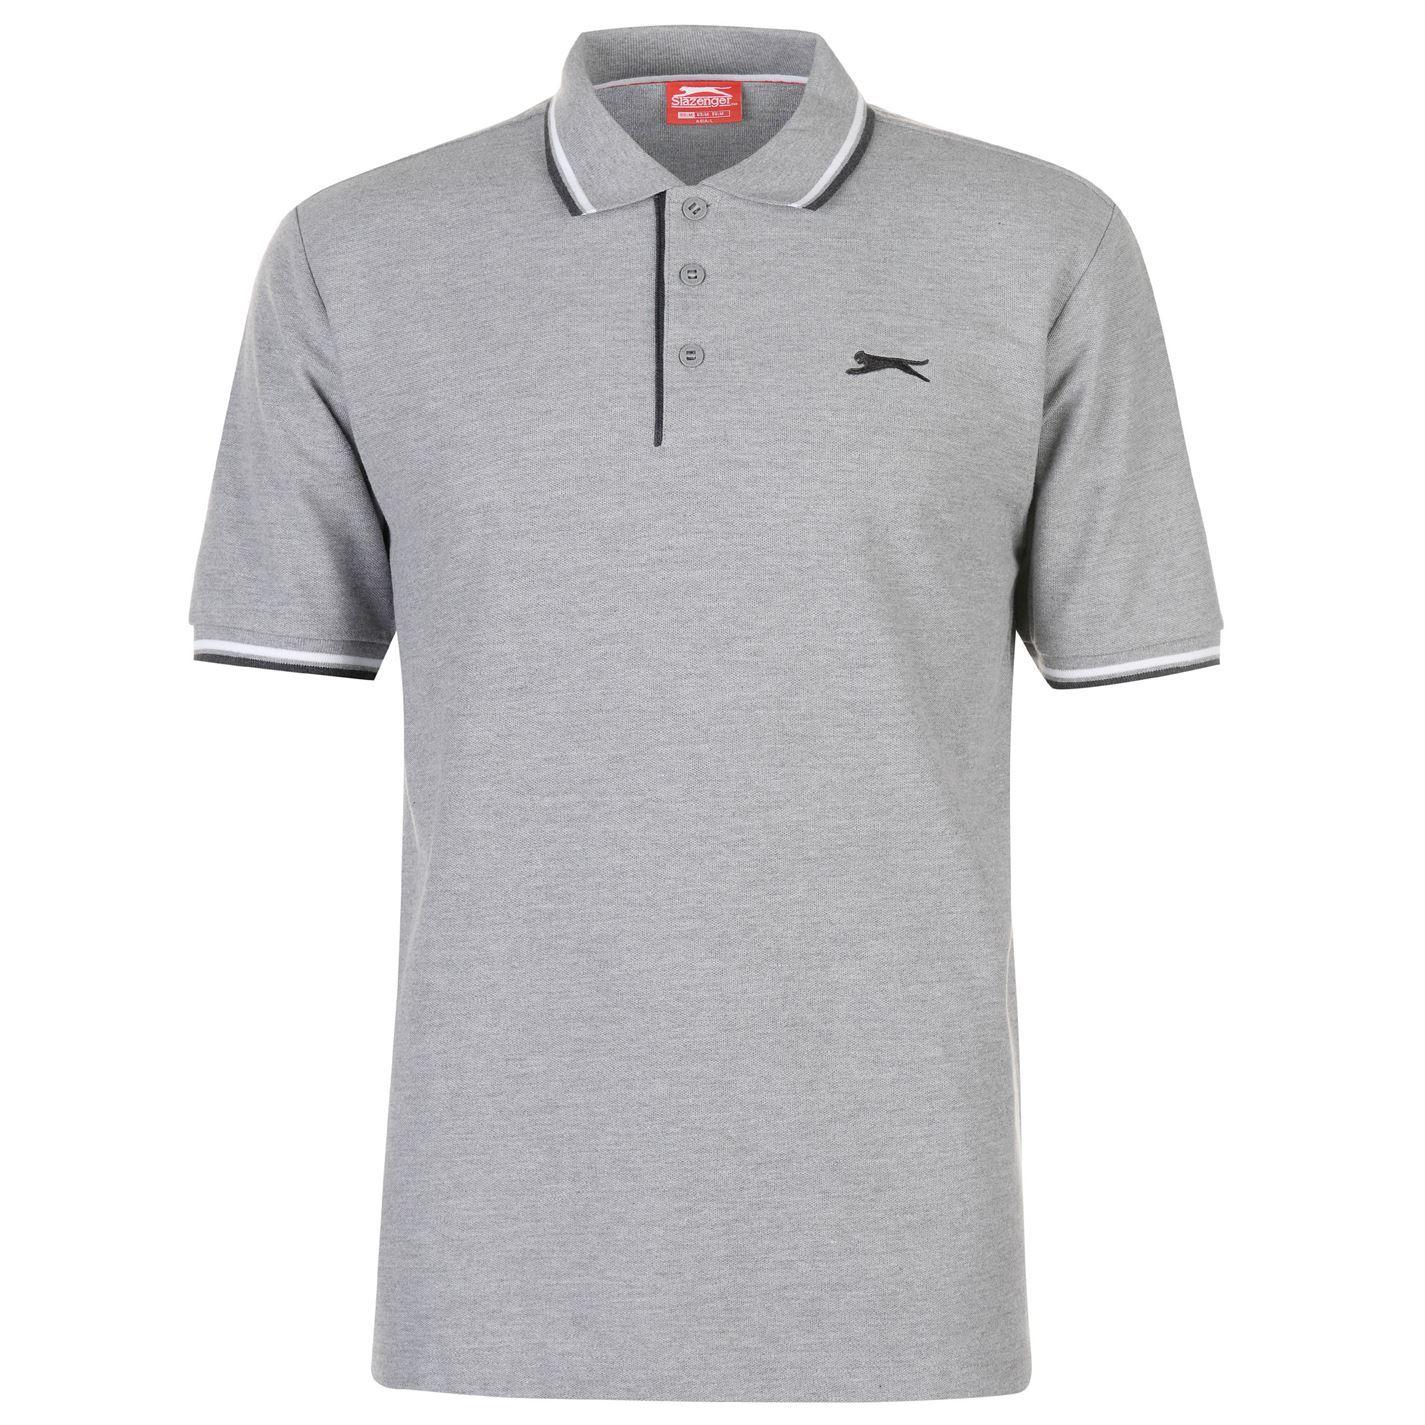 Slazenger-Polo-Camisa-de-hombre-con-cuello-con-Punta-T-Shirt-Top-Camiseta-Tee miniatura 38